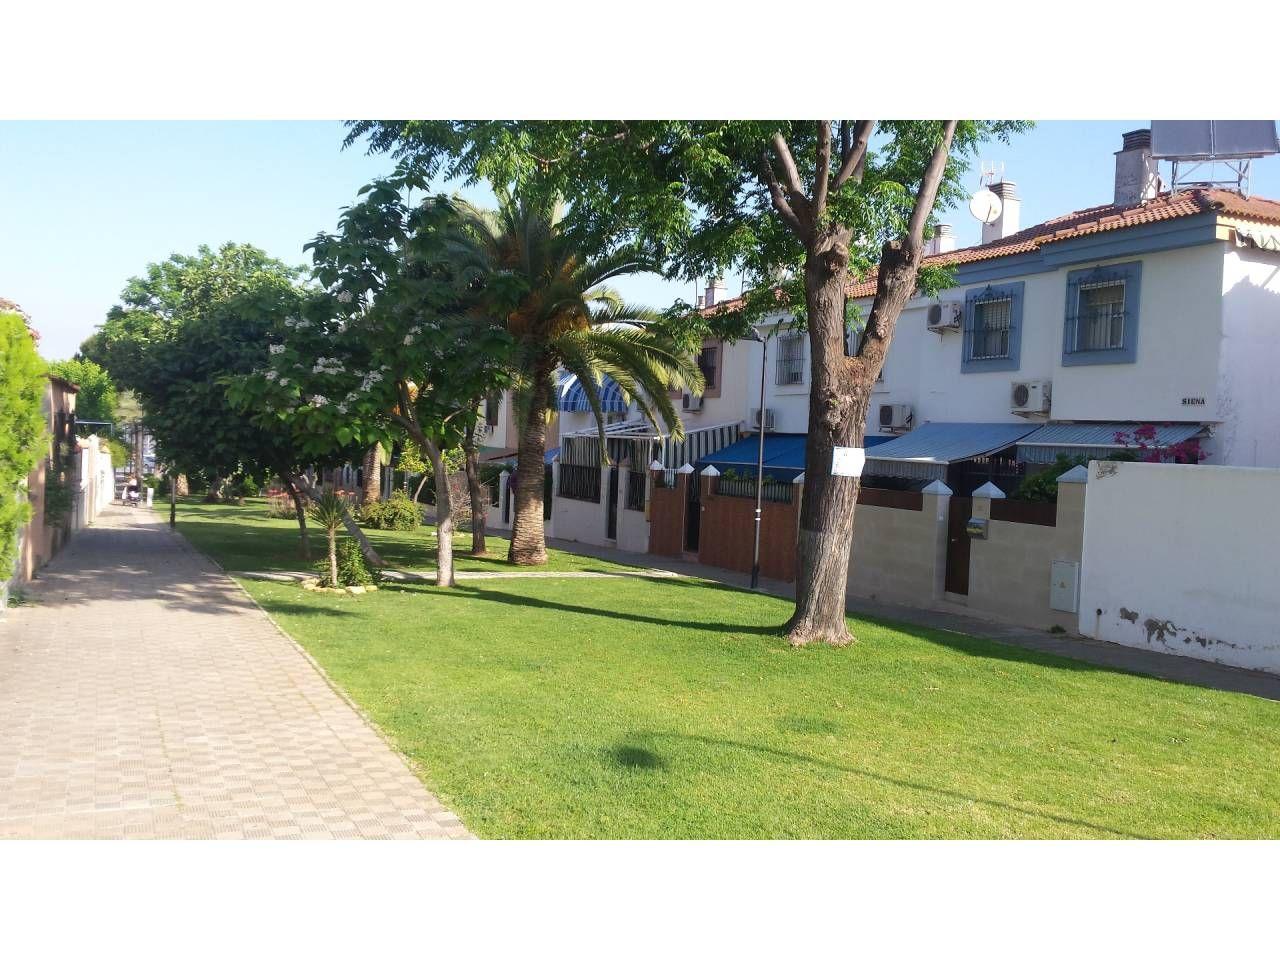 SEVILLA MONTEQUINTO Casa , independiente con 128 m2,   - Foto 1